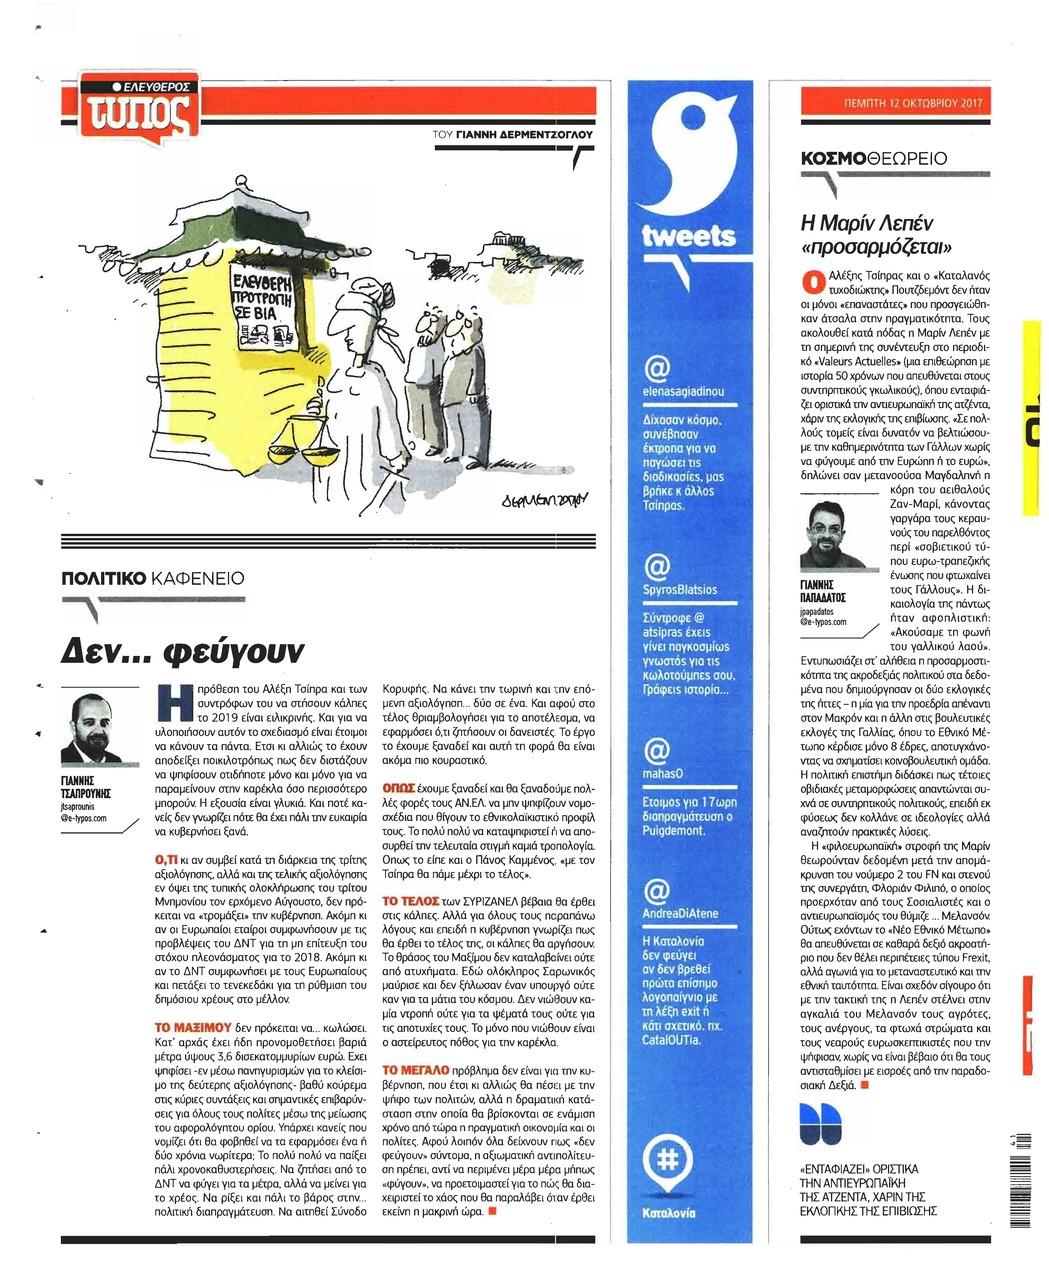 Οπισθόφυλλο εφημερίδας Ελεύθερος Τύπος